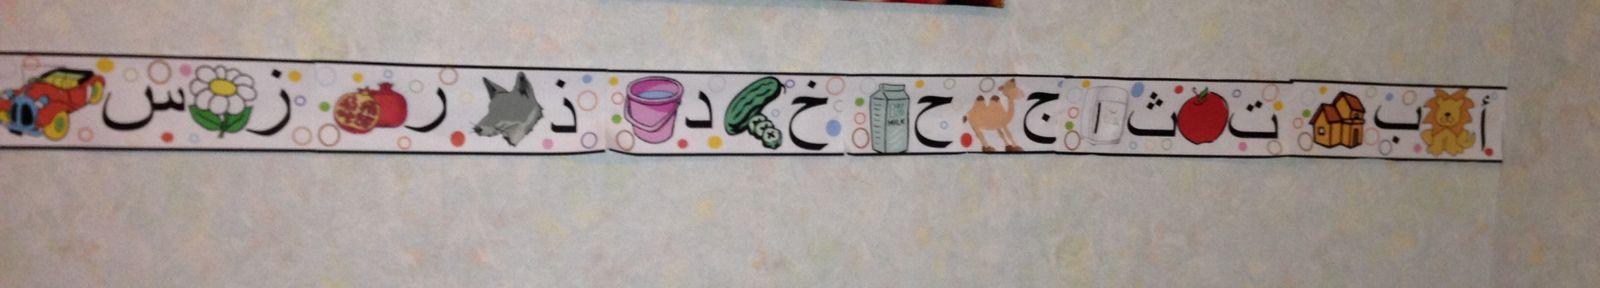 Alphabet arabe sous forme de fresque dans la chambre de Nour (2013)